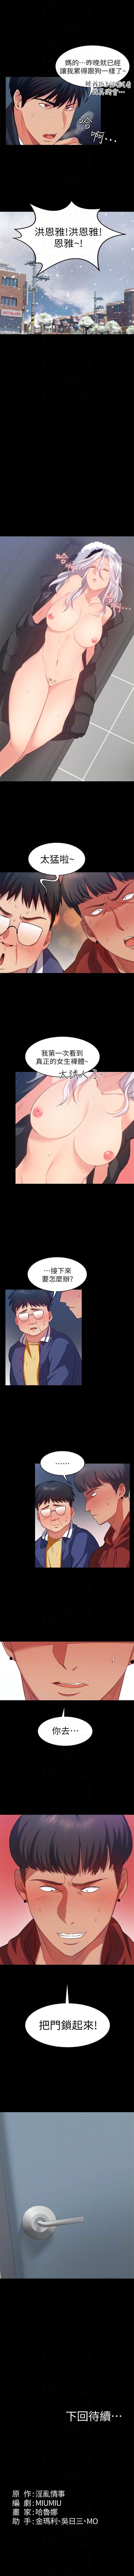 (周2)退货女友 1-23 中文翻译(更新中) 59